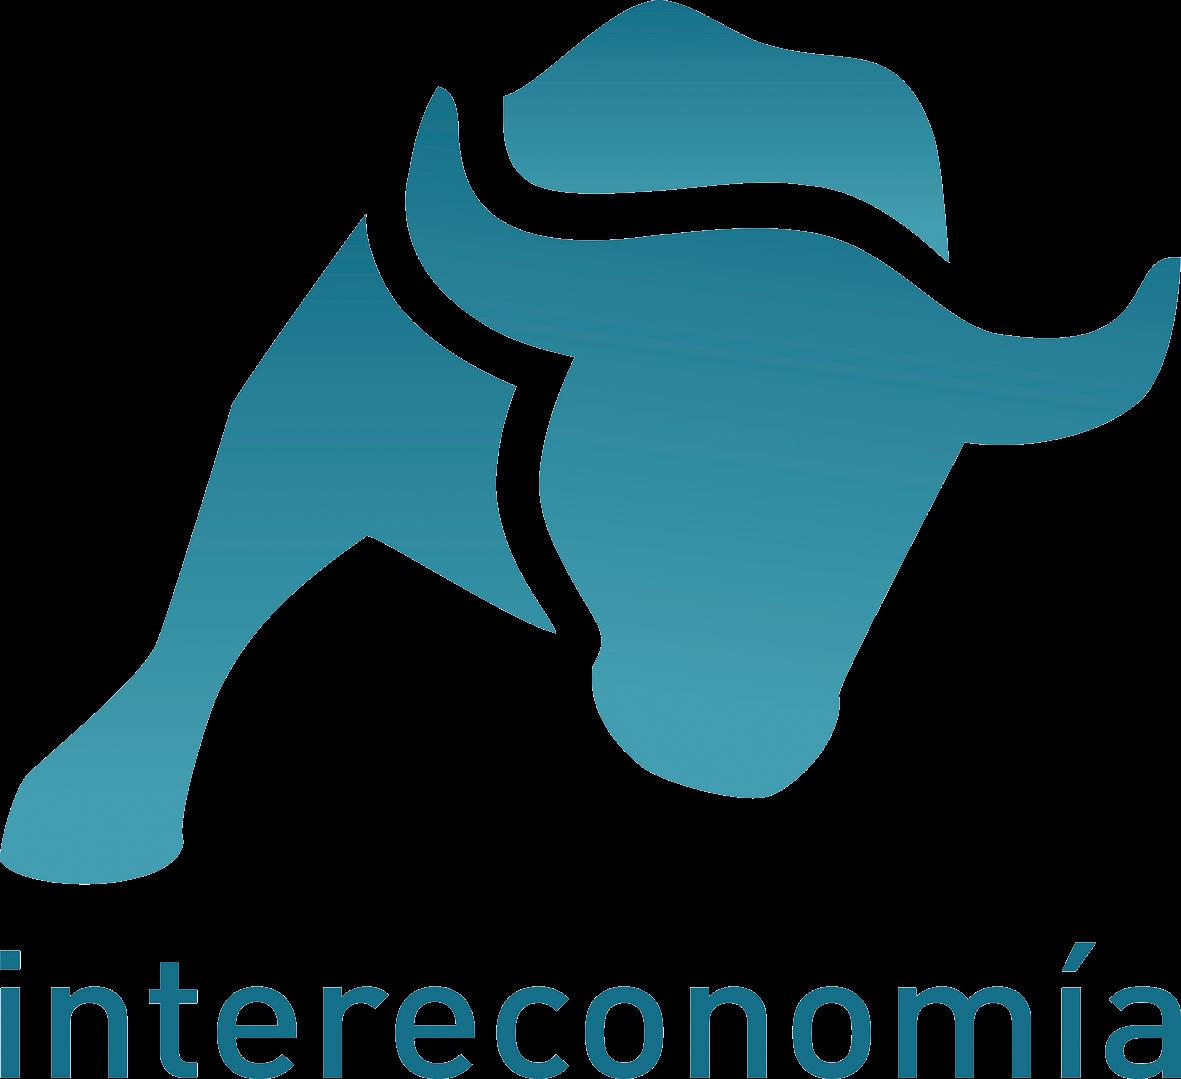 frecuencia radio intereconomia: